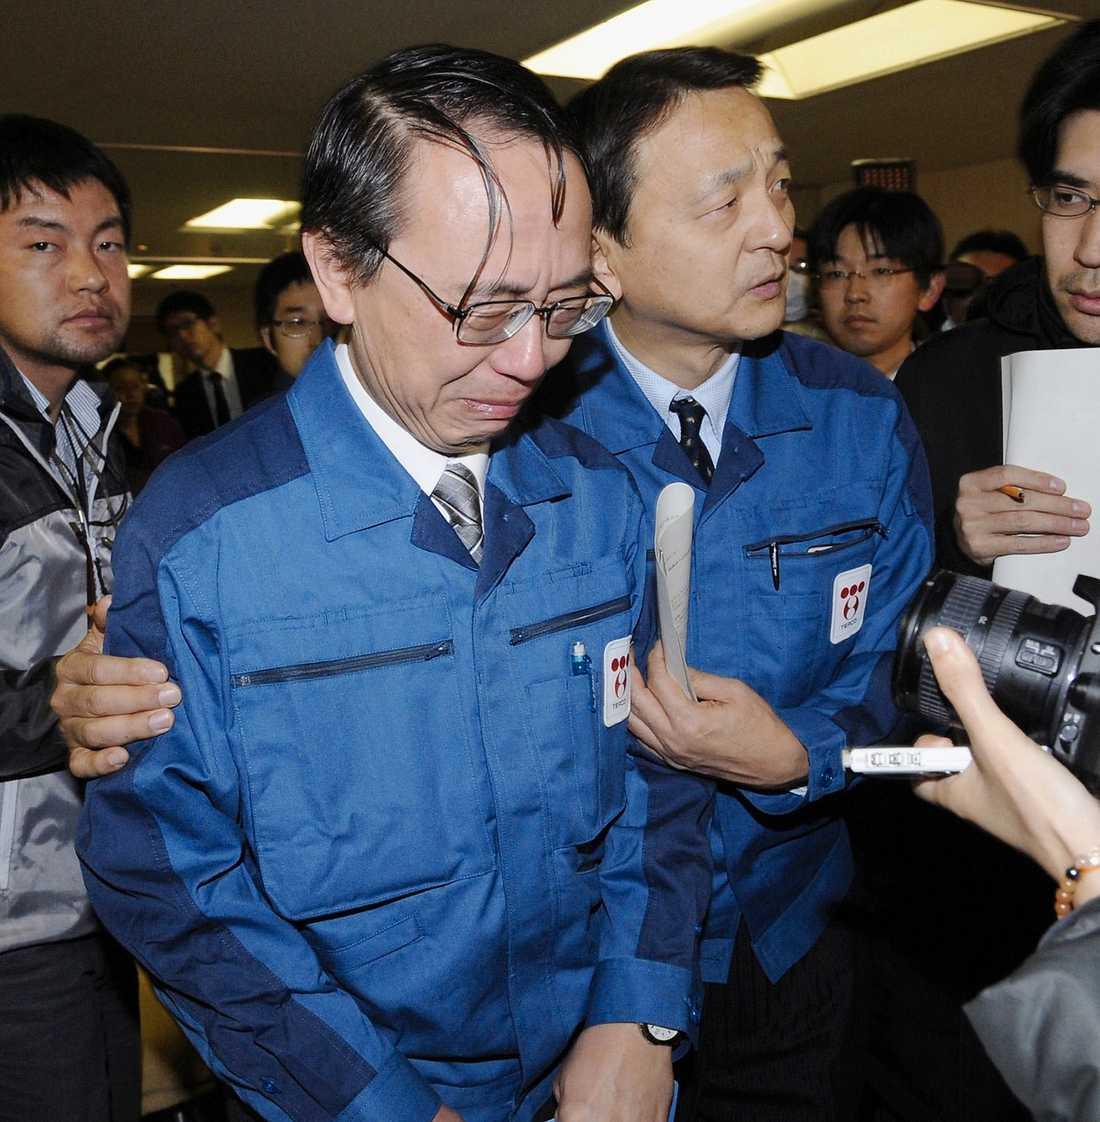 TÅRARNA FLÖDADE Akio Komiri, vd för företaget som äger kärnkraftverket i Fukushima, deltog i förra veckan vid en presskonferens. Där informerade han om det dystra läget vid kärnkraft-verket. Efteråt orkade Akio Komiri inte längre hålla emot. Gråtandes, och stödd av kollegor, lämnade han presskonferensen.